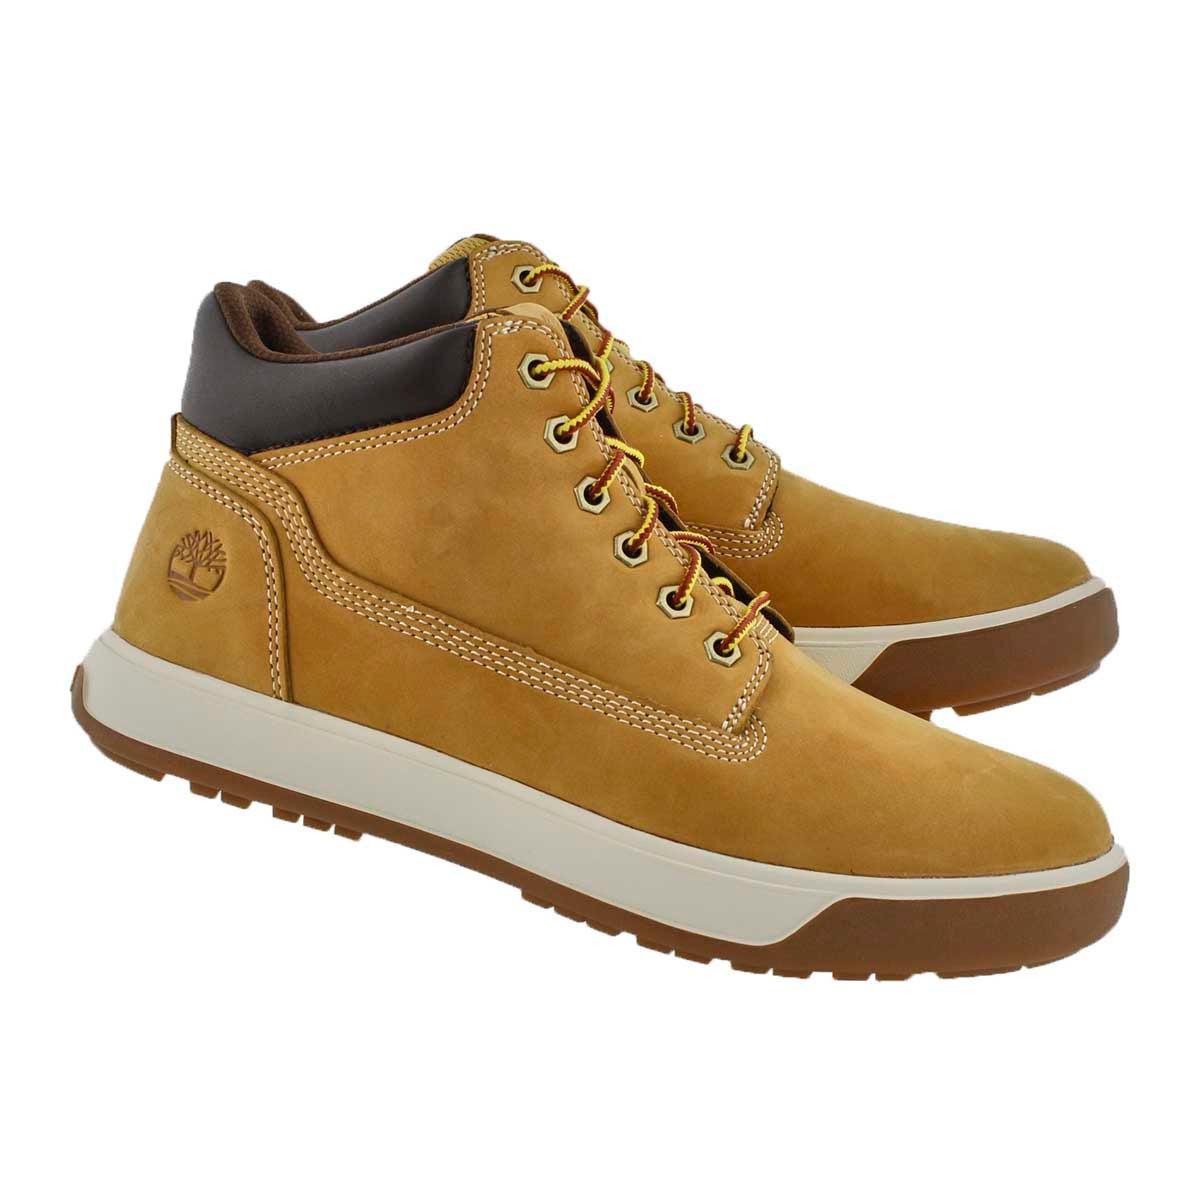 Mns Tenmile wheat chukka boot